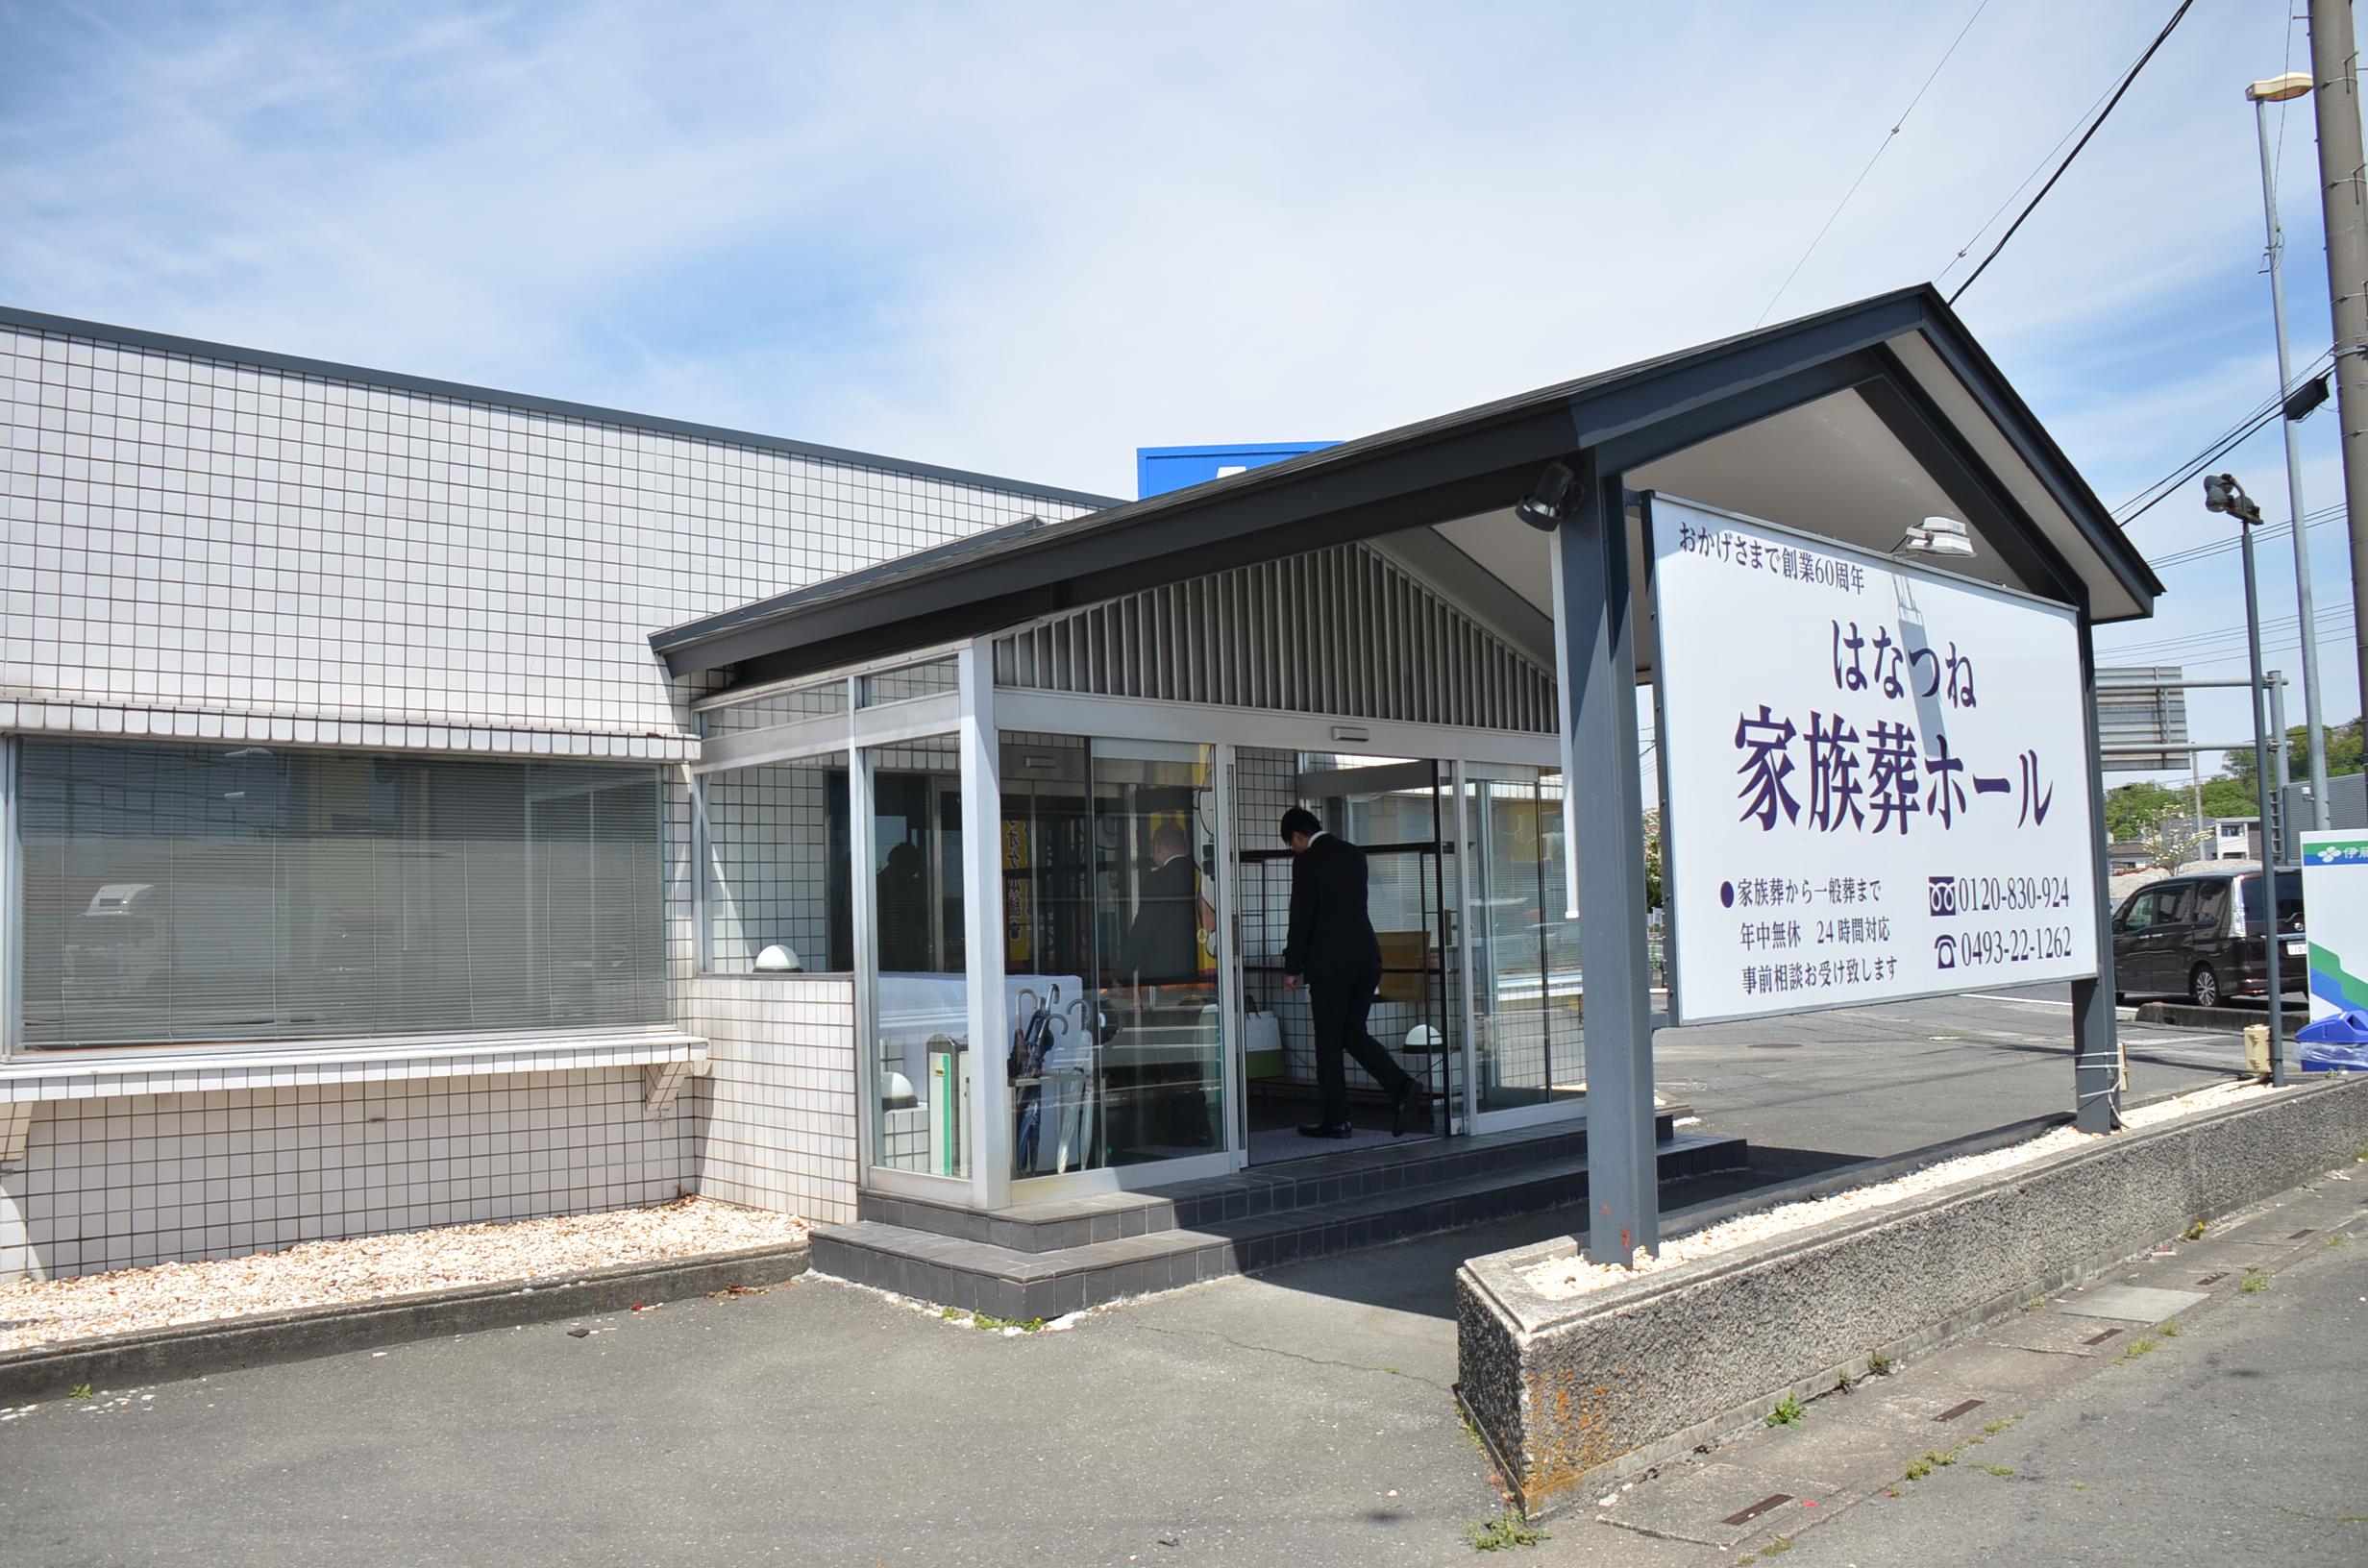 東松山市五領町にある民営斎場「はなつね家族葬ホール「の外観です